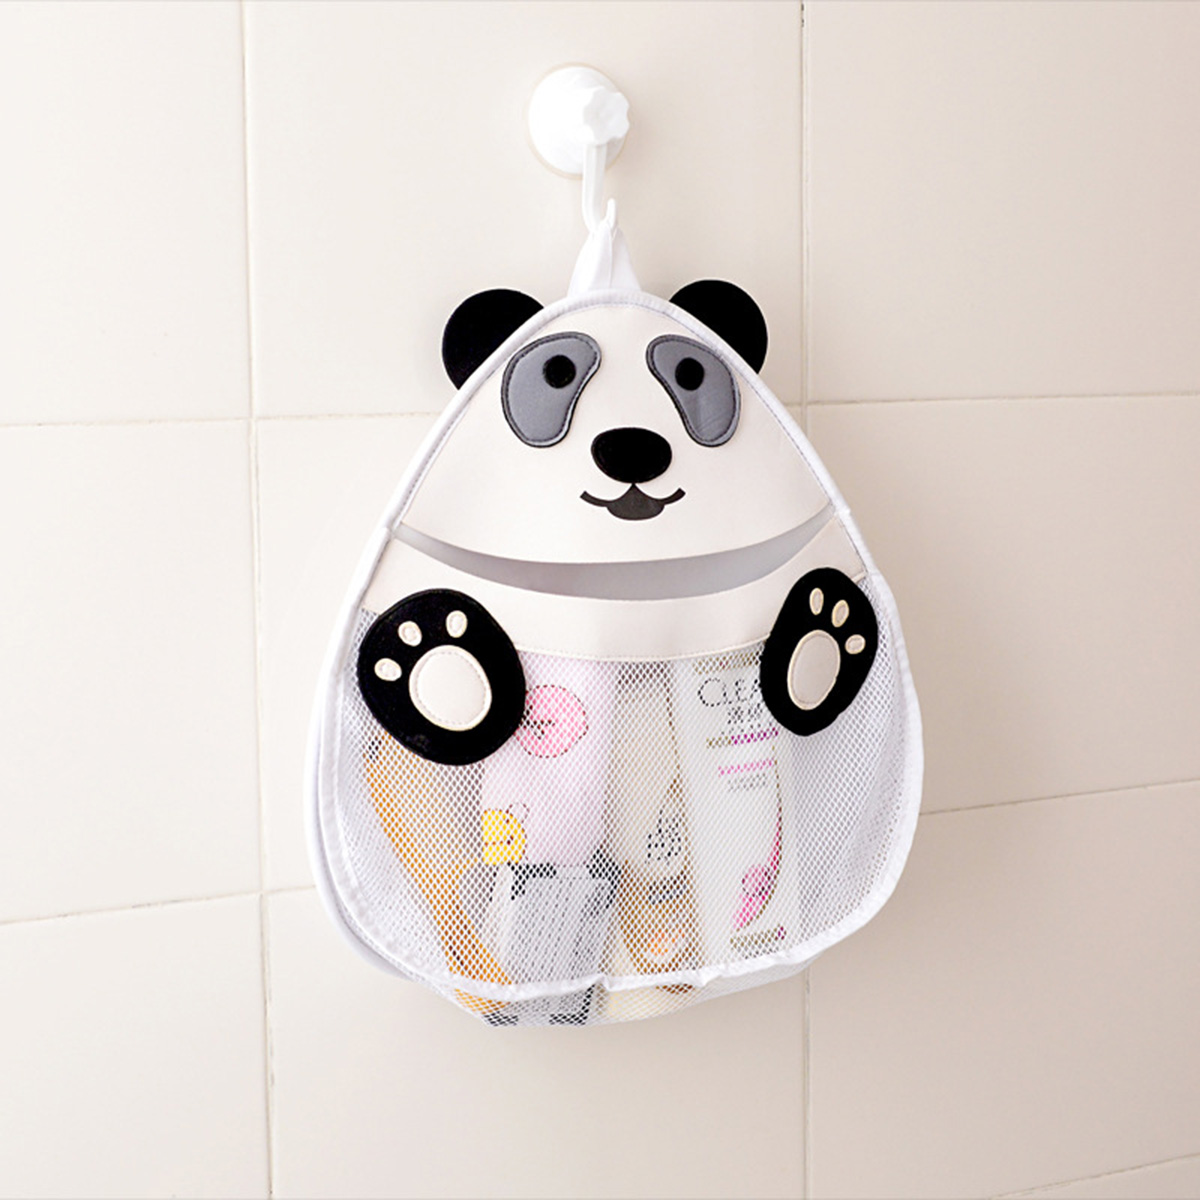 YHYS 3D Cartoon Panda sac de rangement enfants jouet Collection salle de bain étanche le mur sac Net sac lavage fournitures organisateur